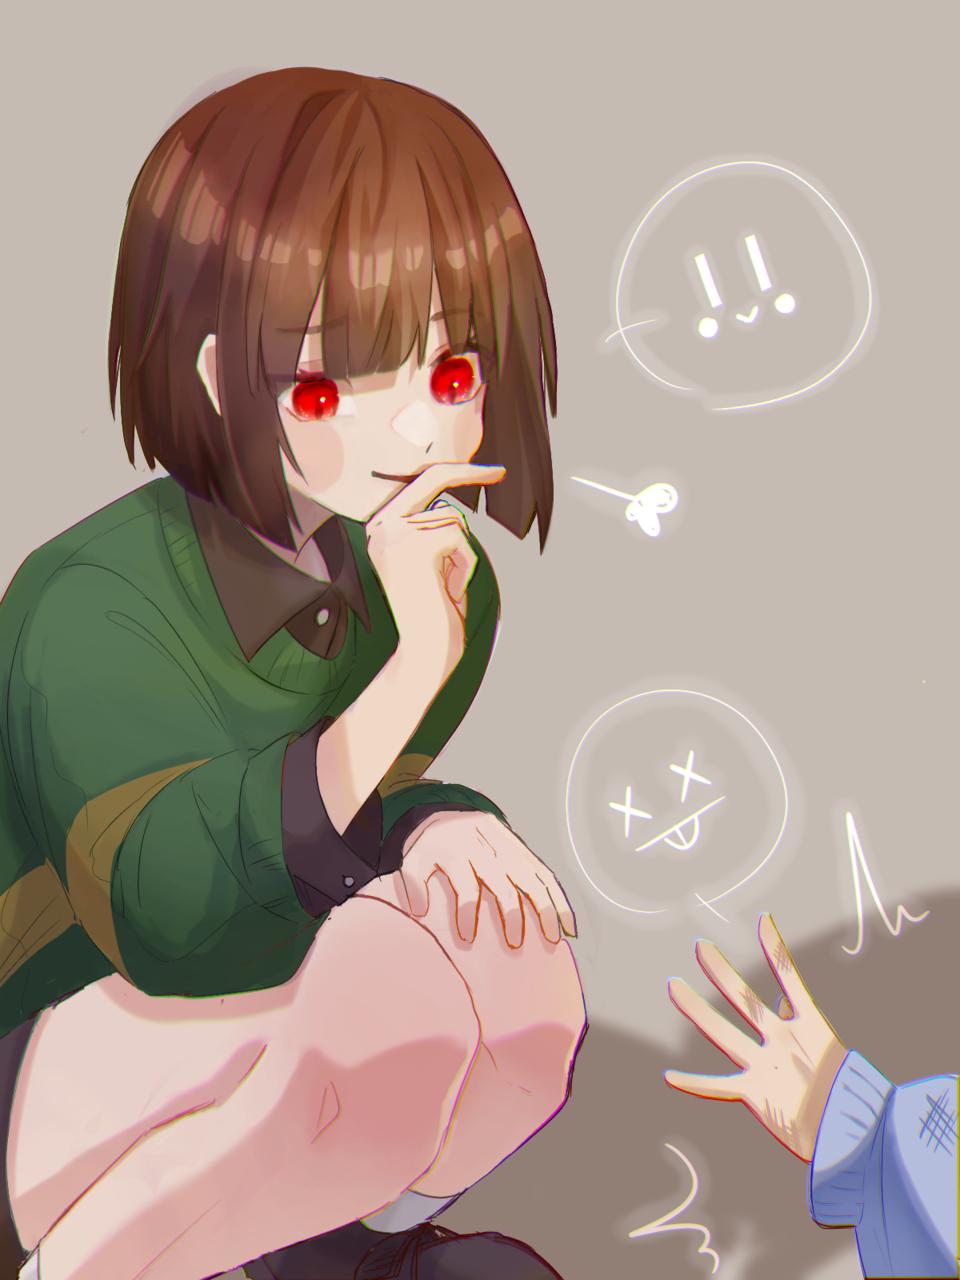 煽りキャラ様 Illust of ト・リ・コ・ス・ケ Frisk キャラ キャラフリ undertale